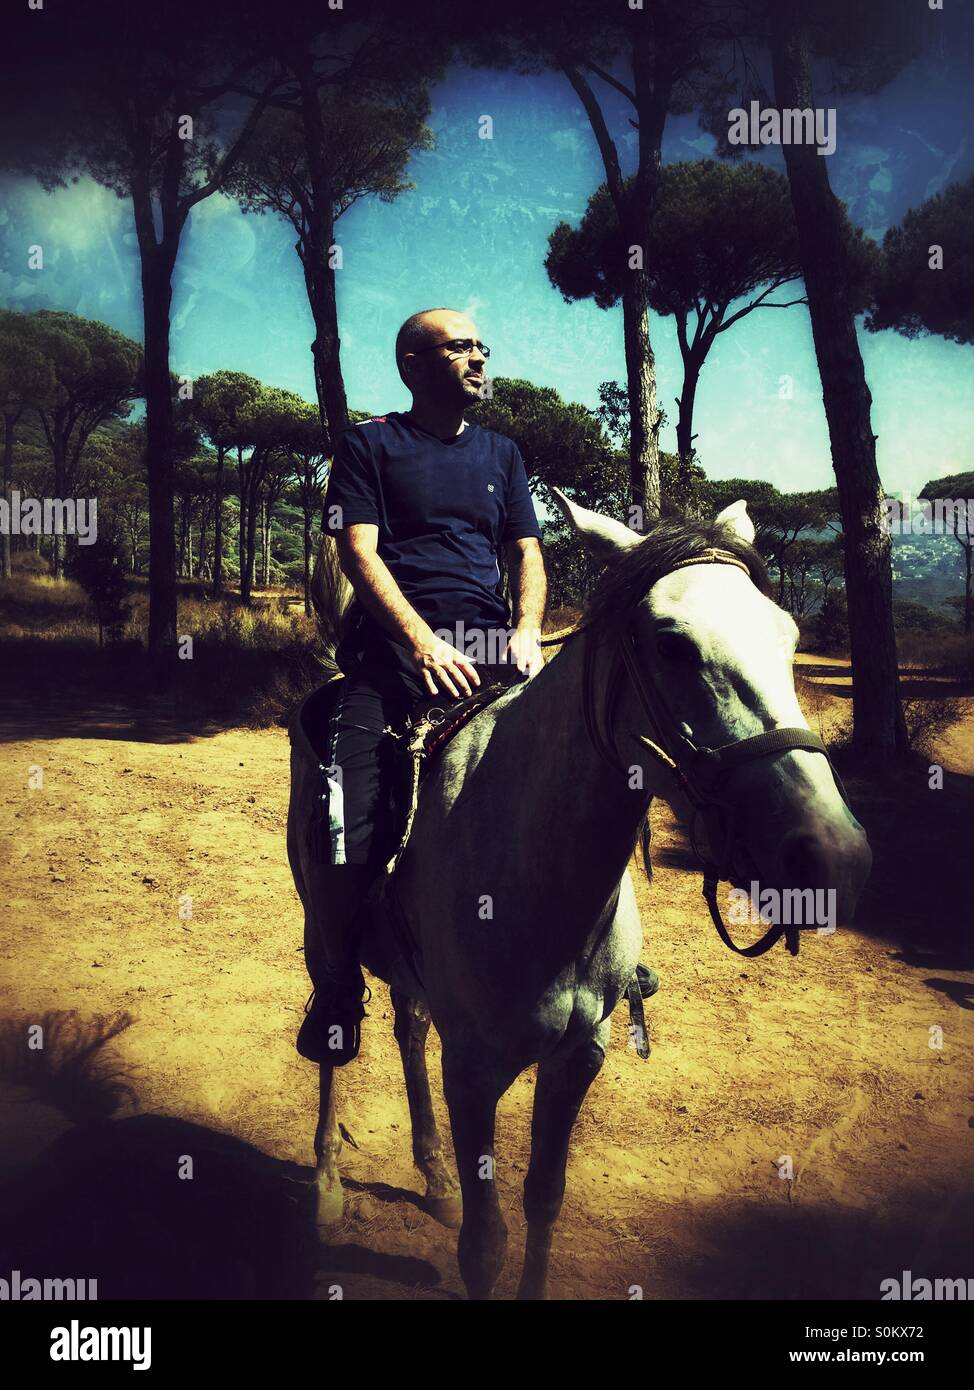 L'âge moyen homme monté sur un cheval dans la forêt Banque D'Images